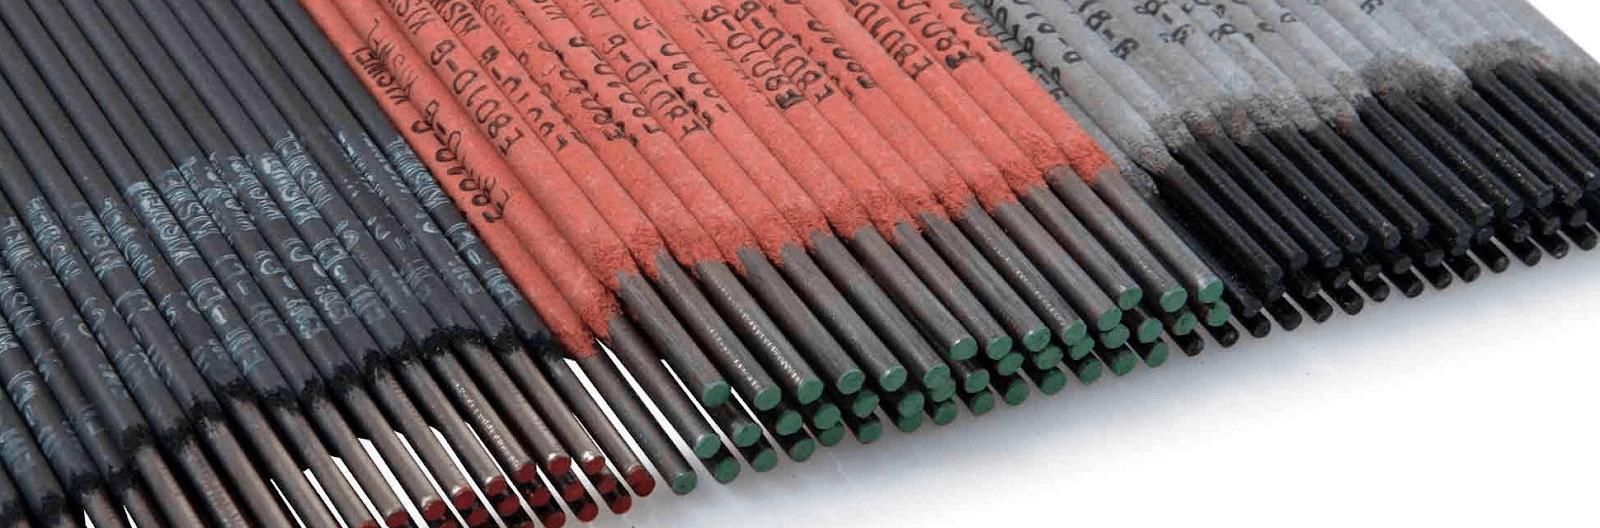 Электроды для сварки теплоустойчивой стали